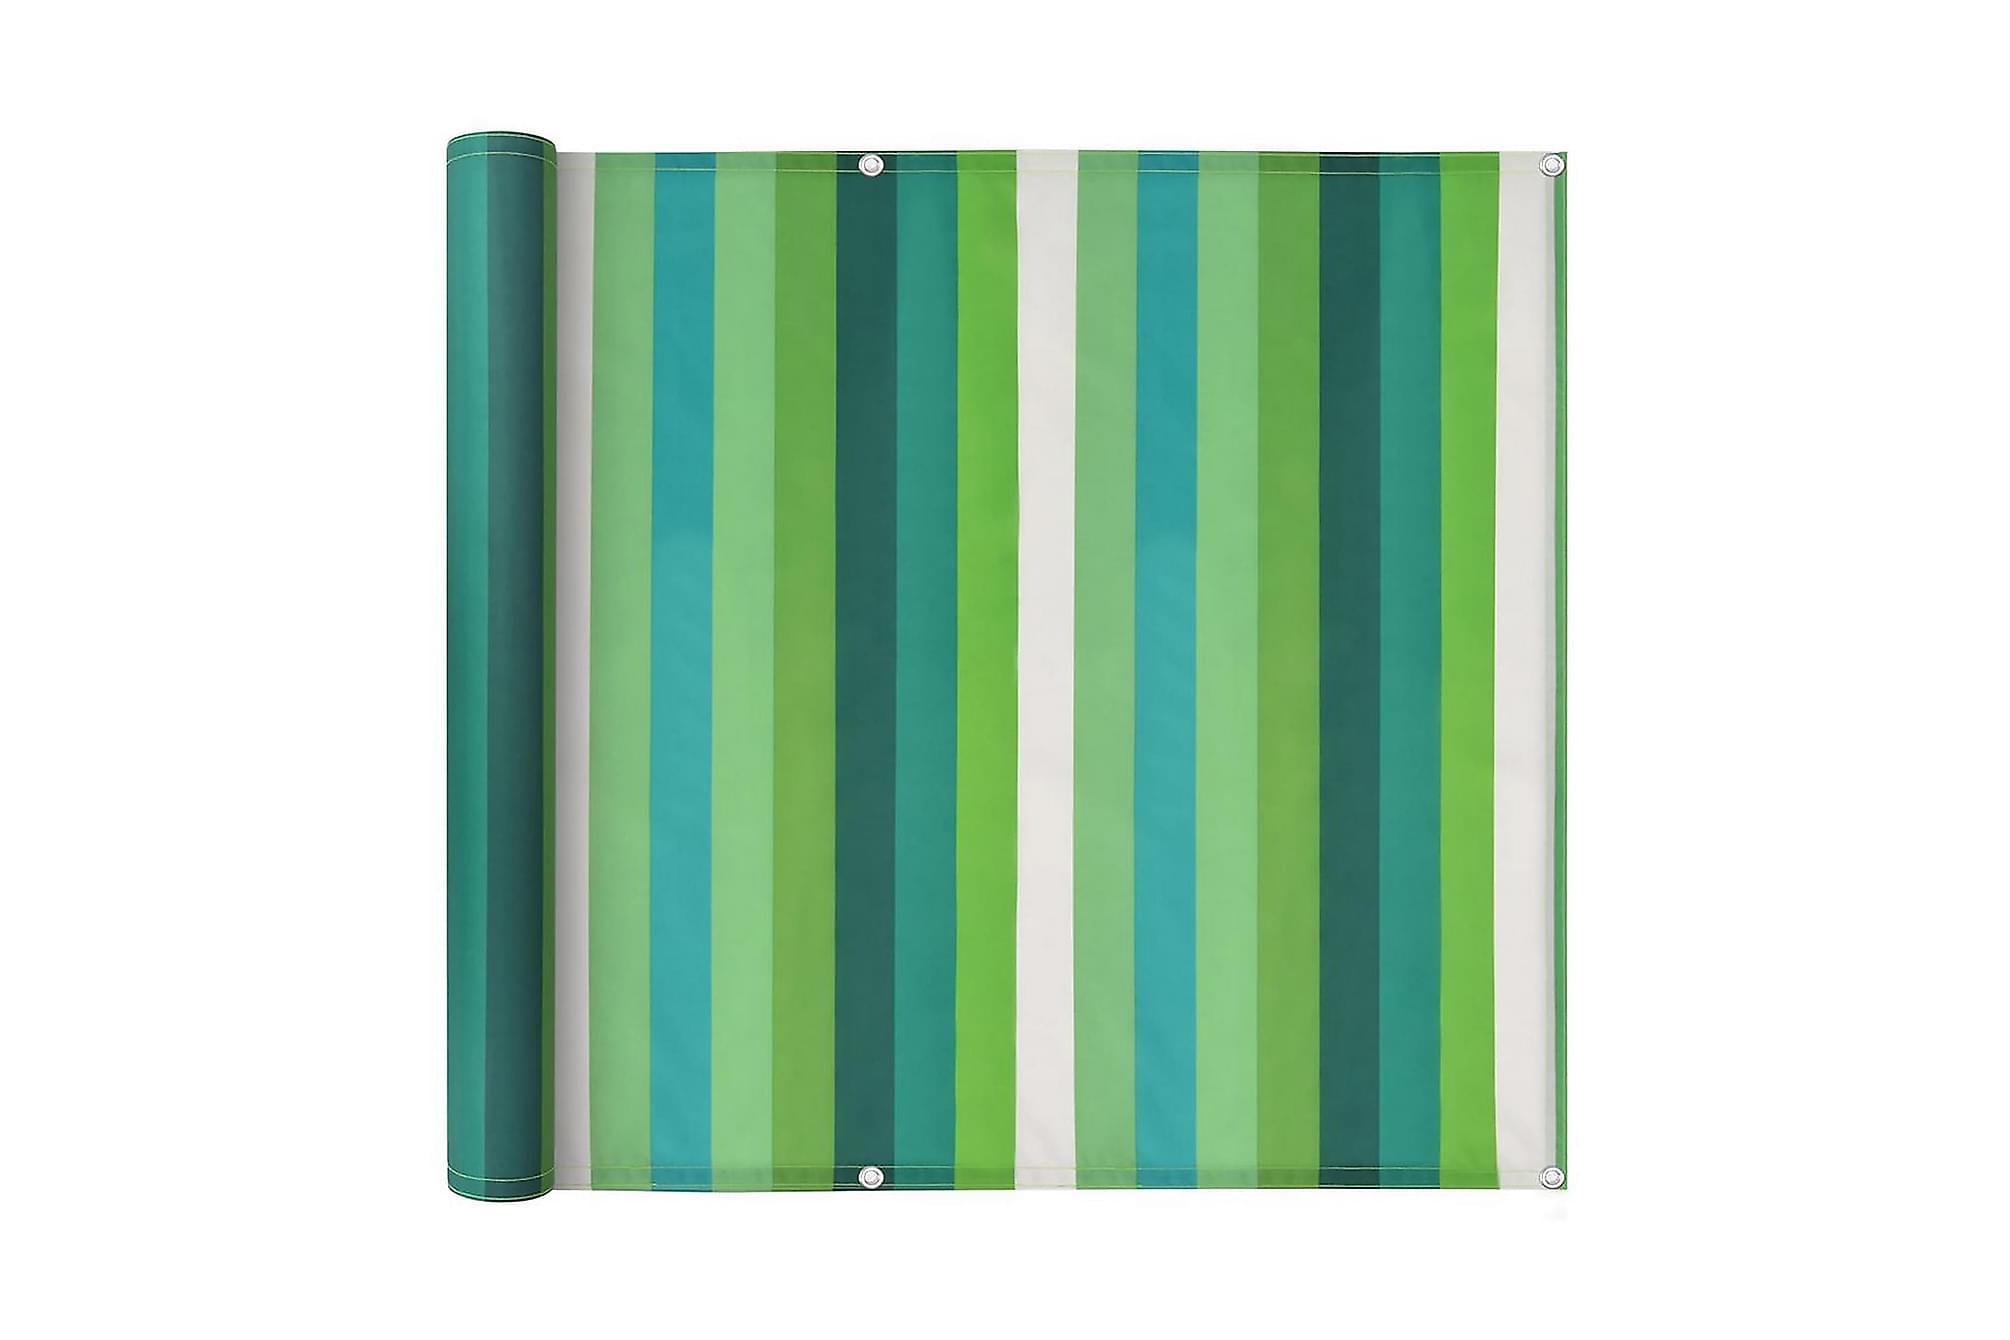 Balkongskärm oxfordtyg 75x600 cm randig grön, Solskydd